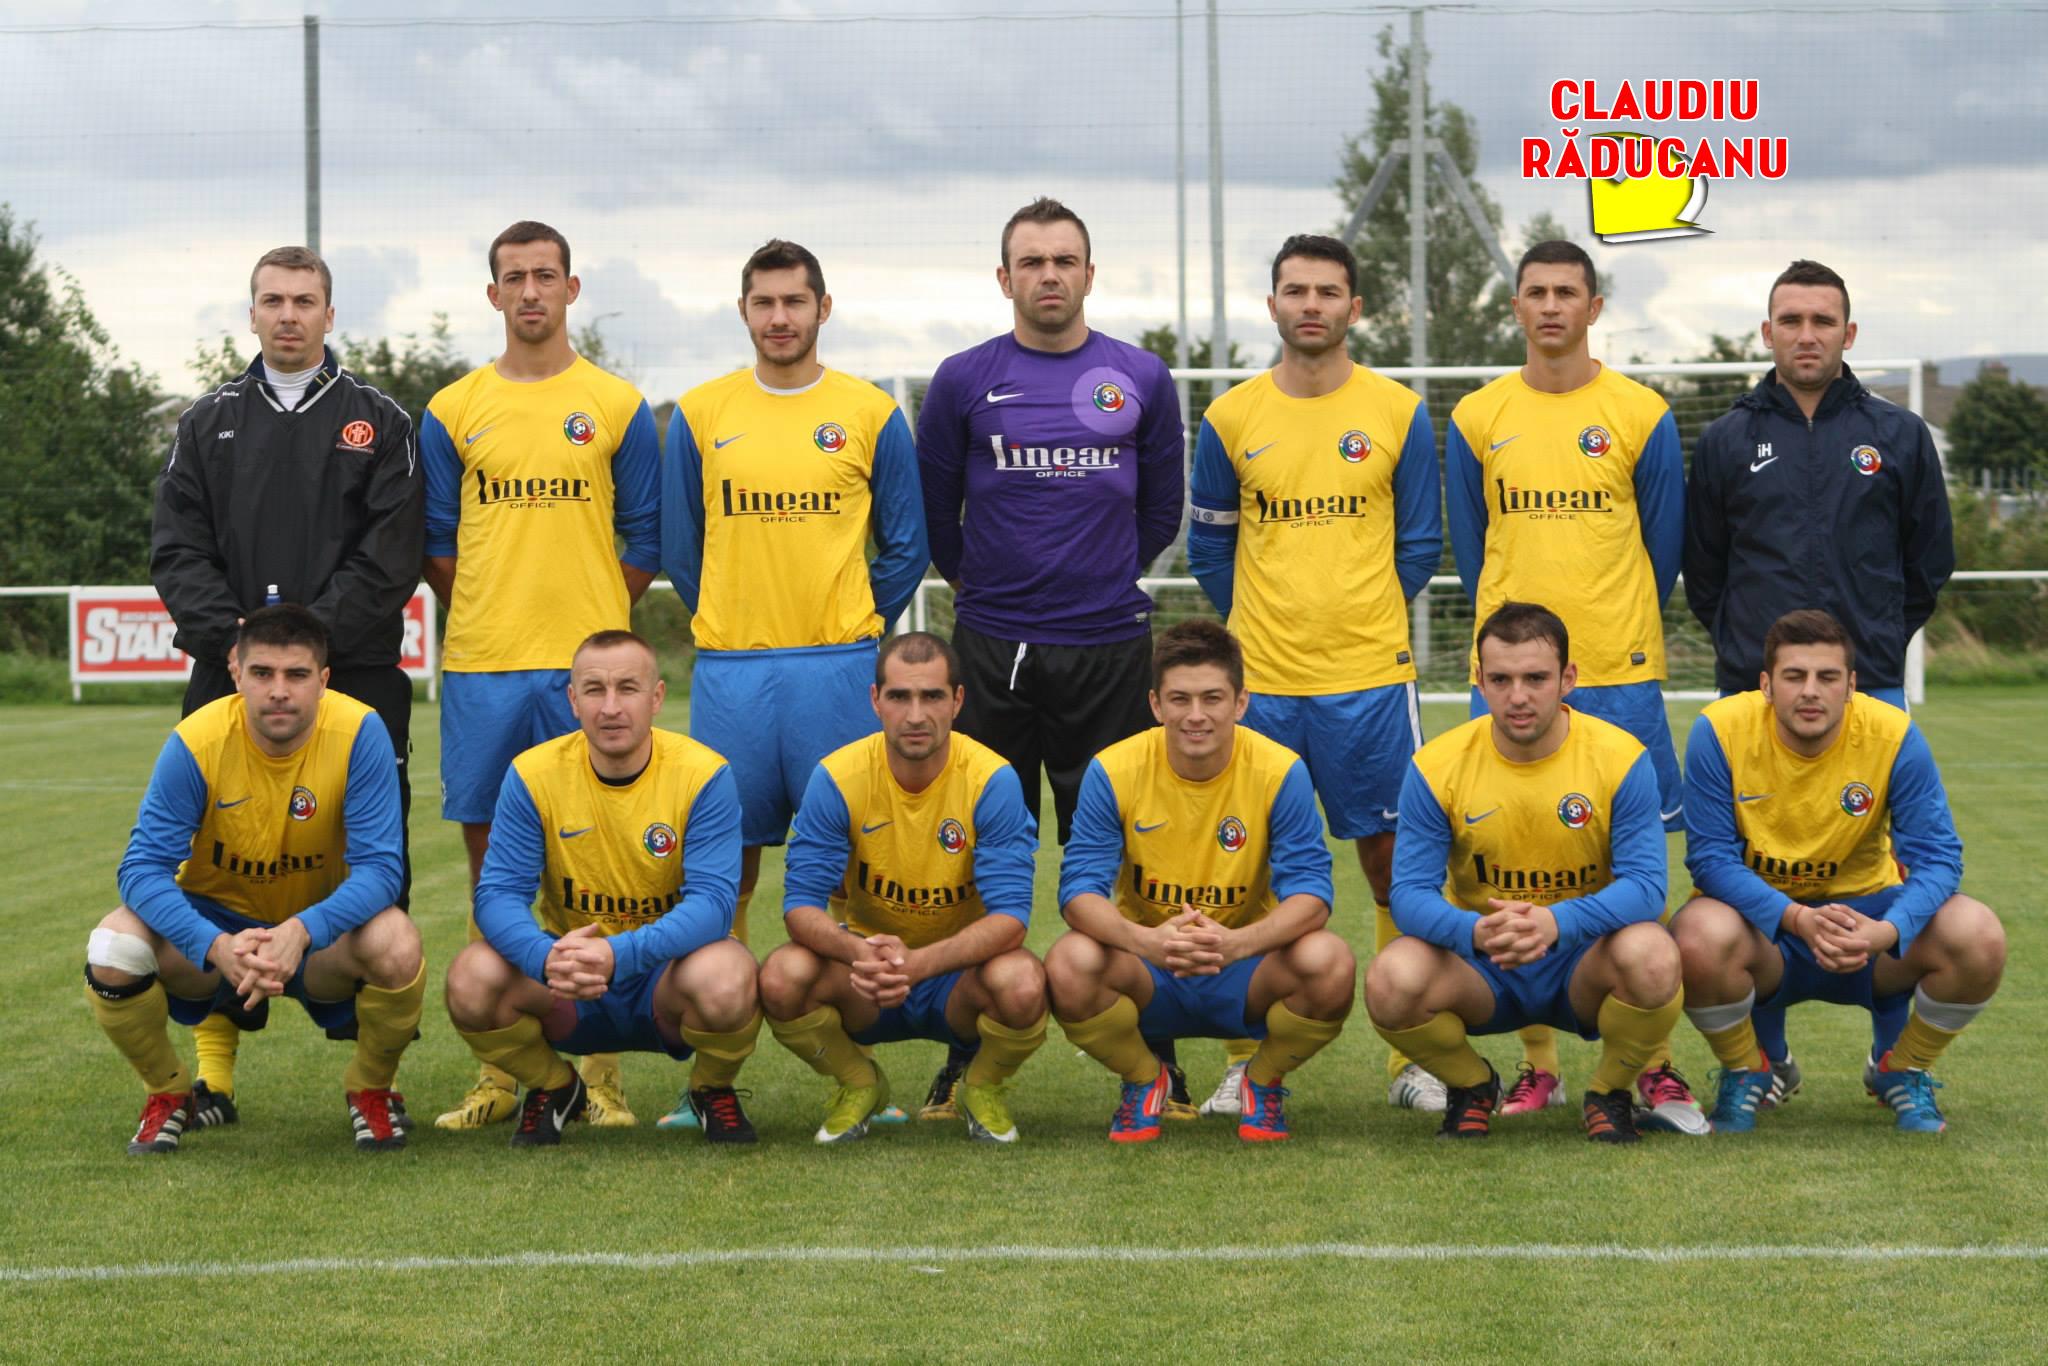 Claudiu Raducanu joaca acum la o echipa de amatori din Irlanda